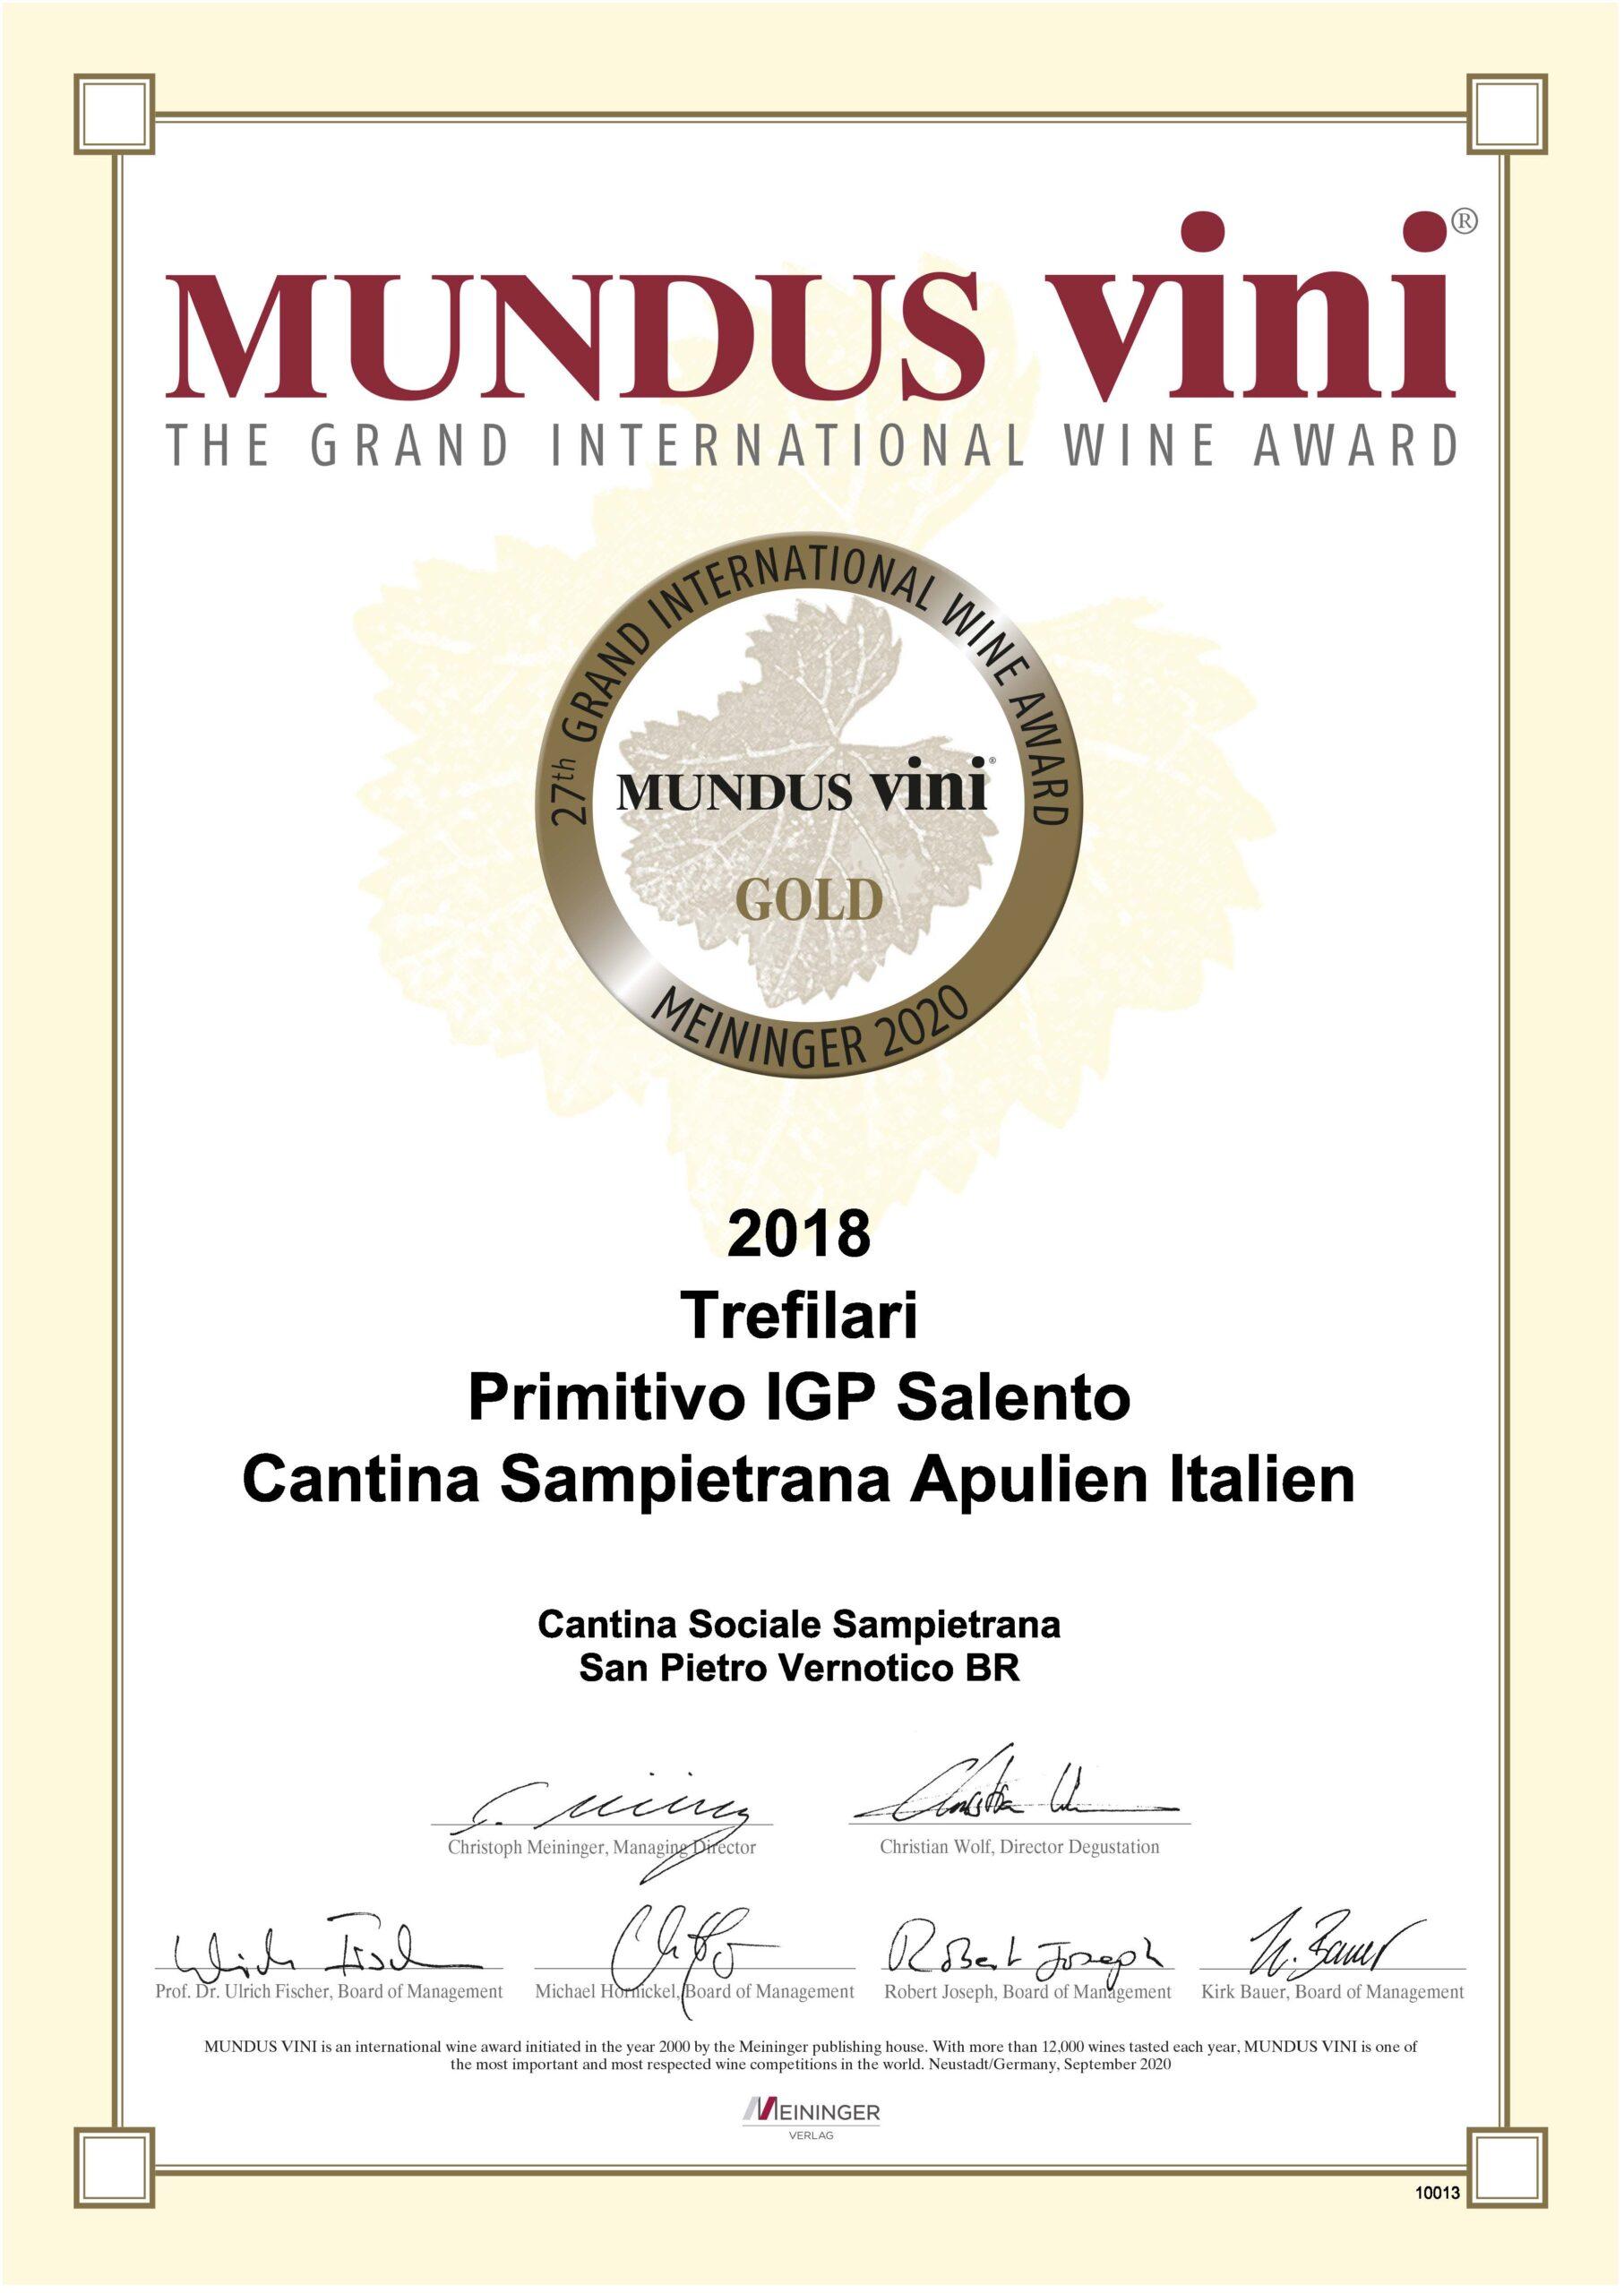 MUNDUS VINI GOLD TREFILARI 2018_2020